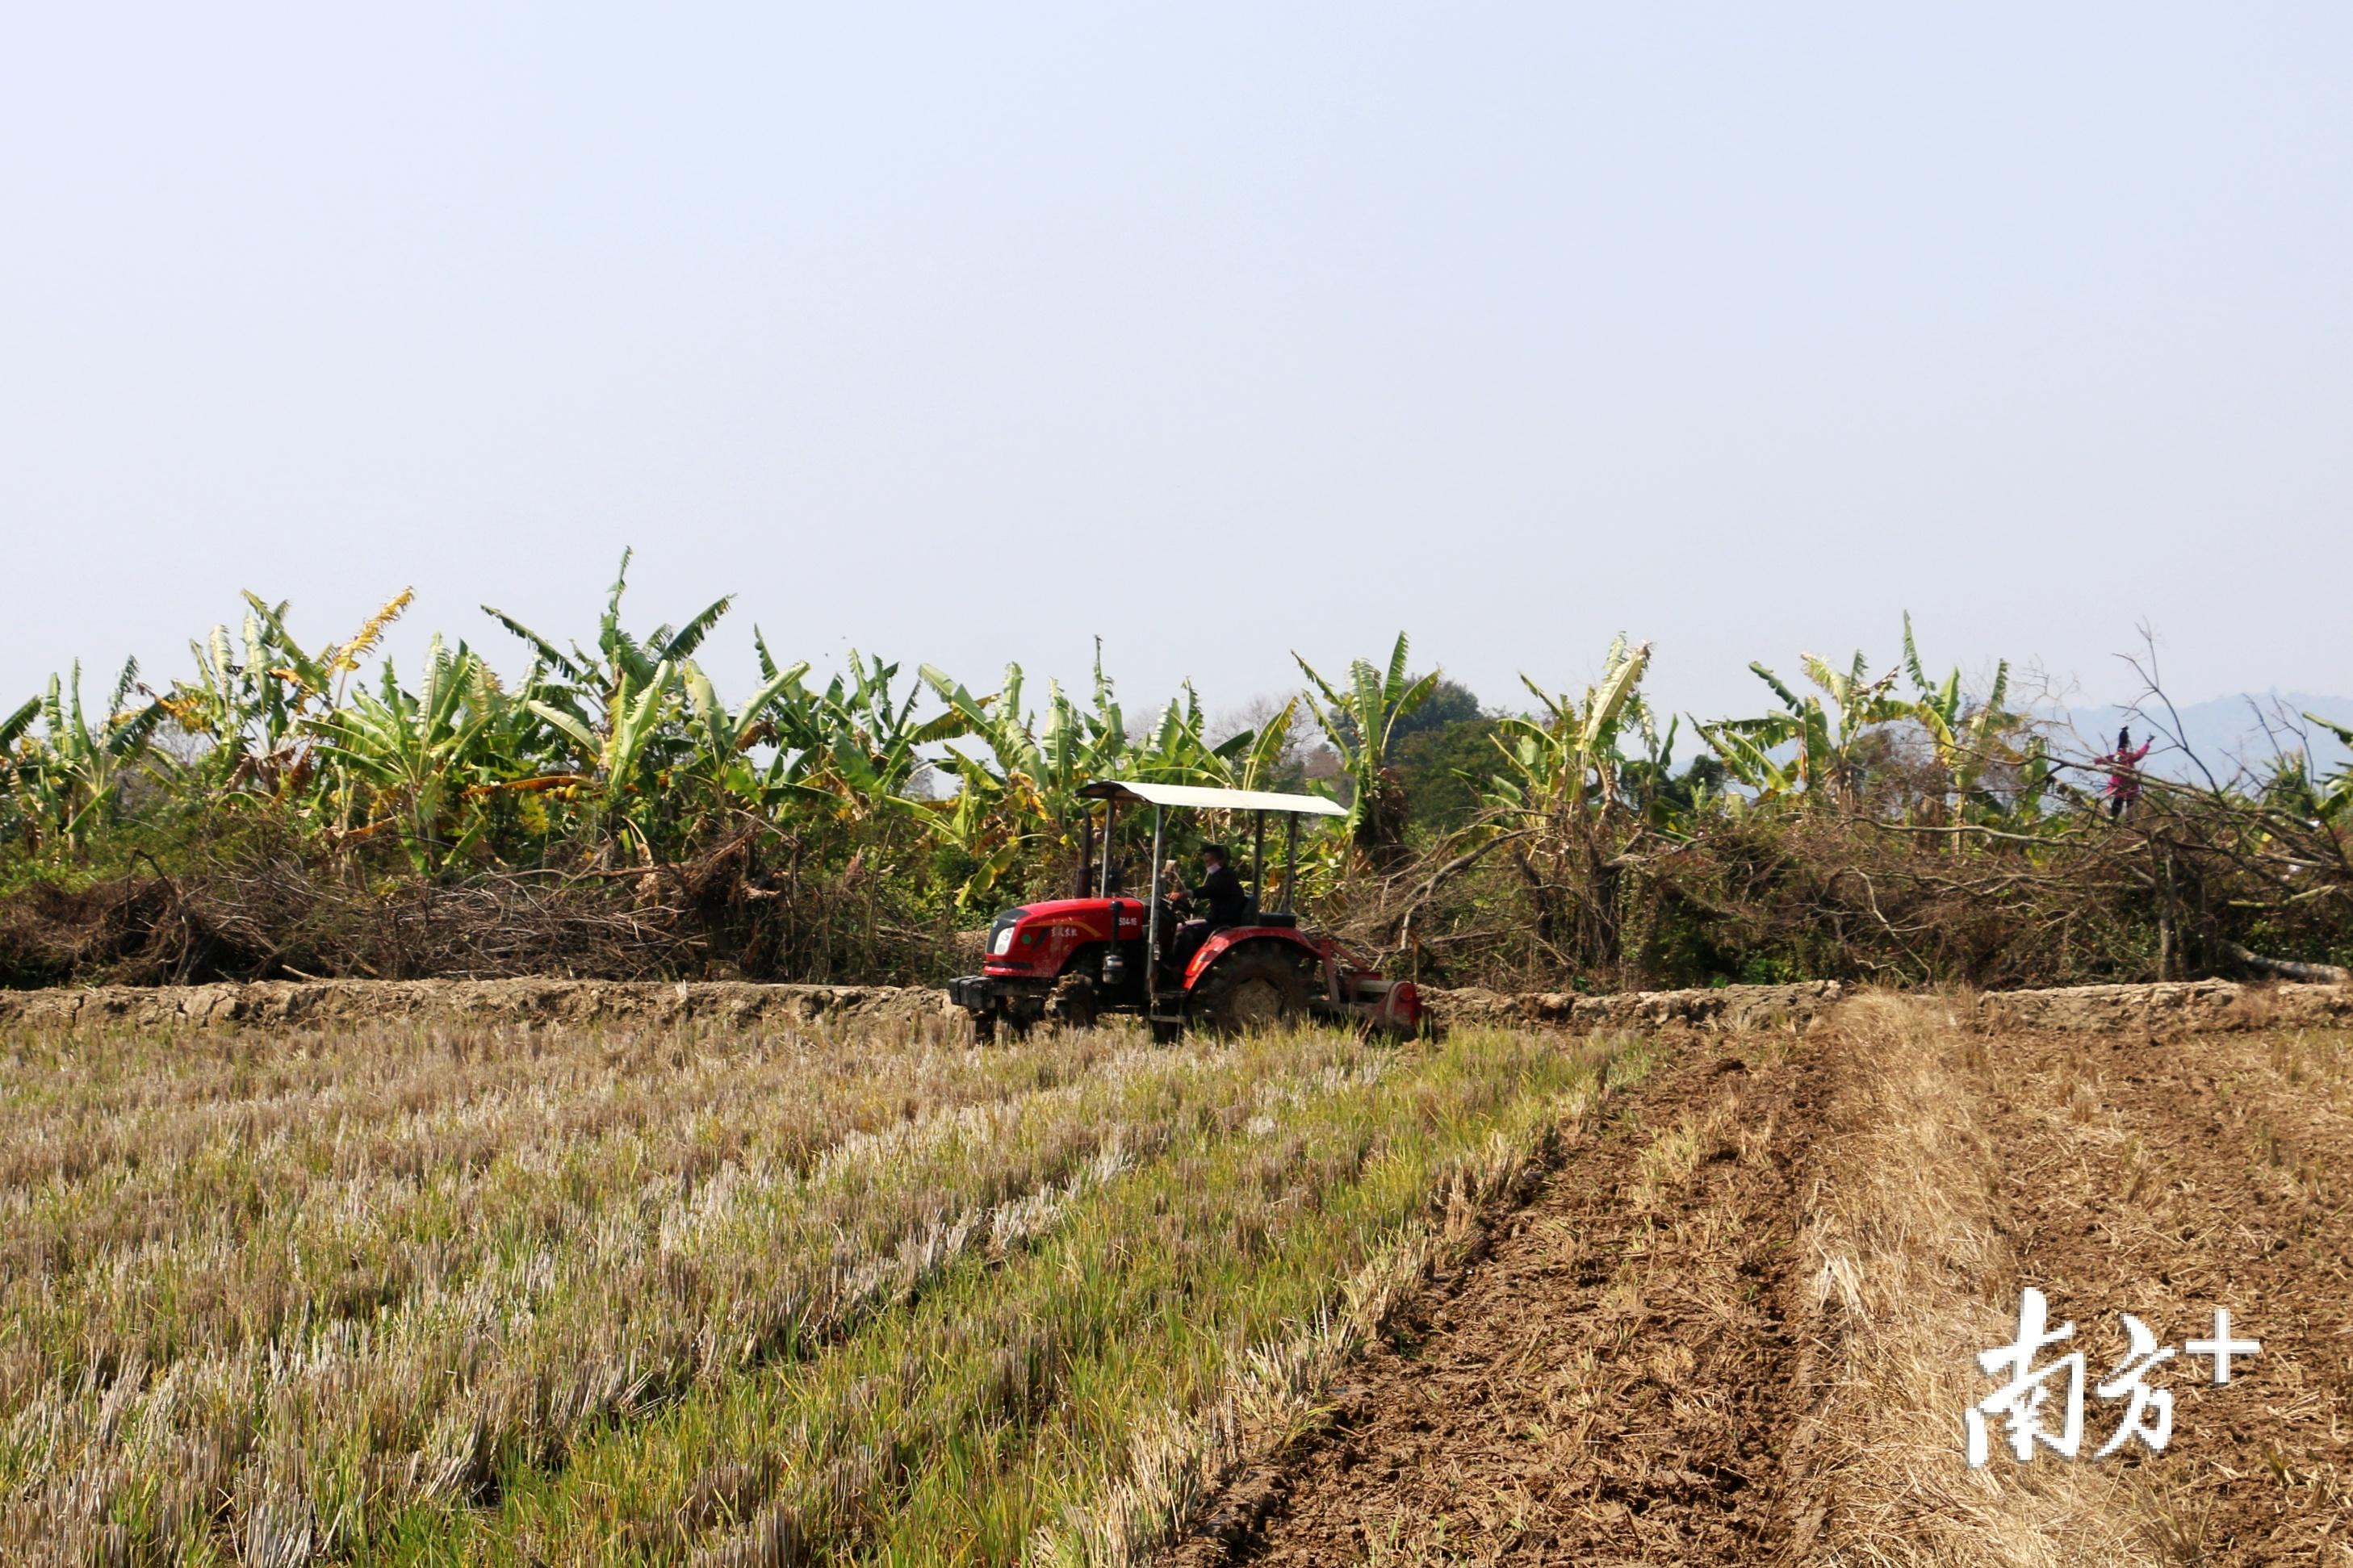 """昔日的耕牛已被""""铁牛""""所代替,我国很多地区实现了拖拉机耕地。张伟炜 摄"""